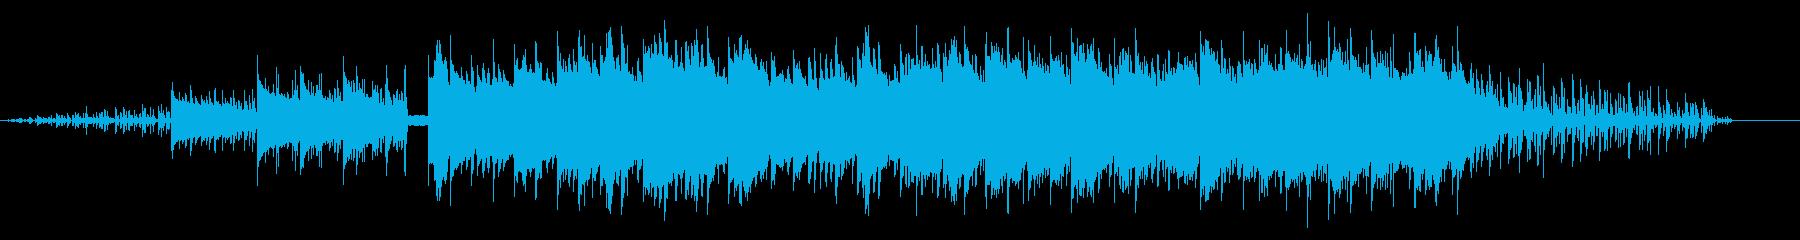 エレクトロニック 説明的 静か 楽...の再生済みの波形